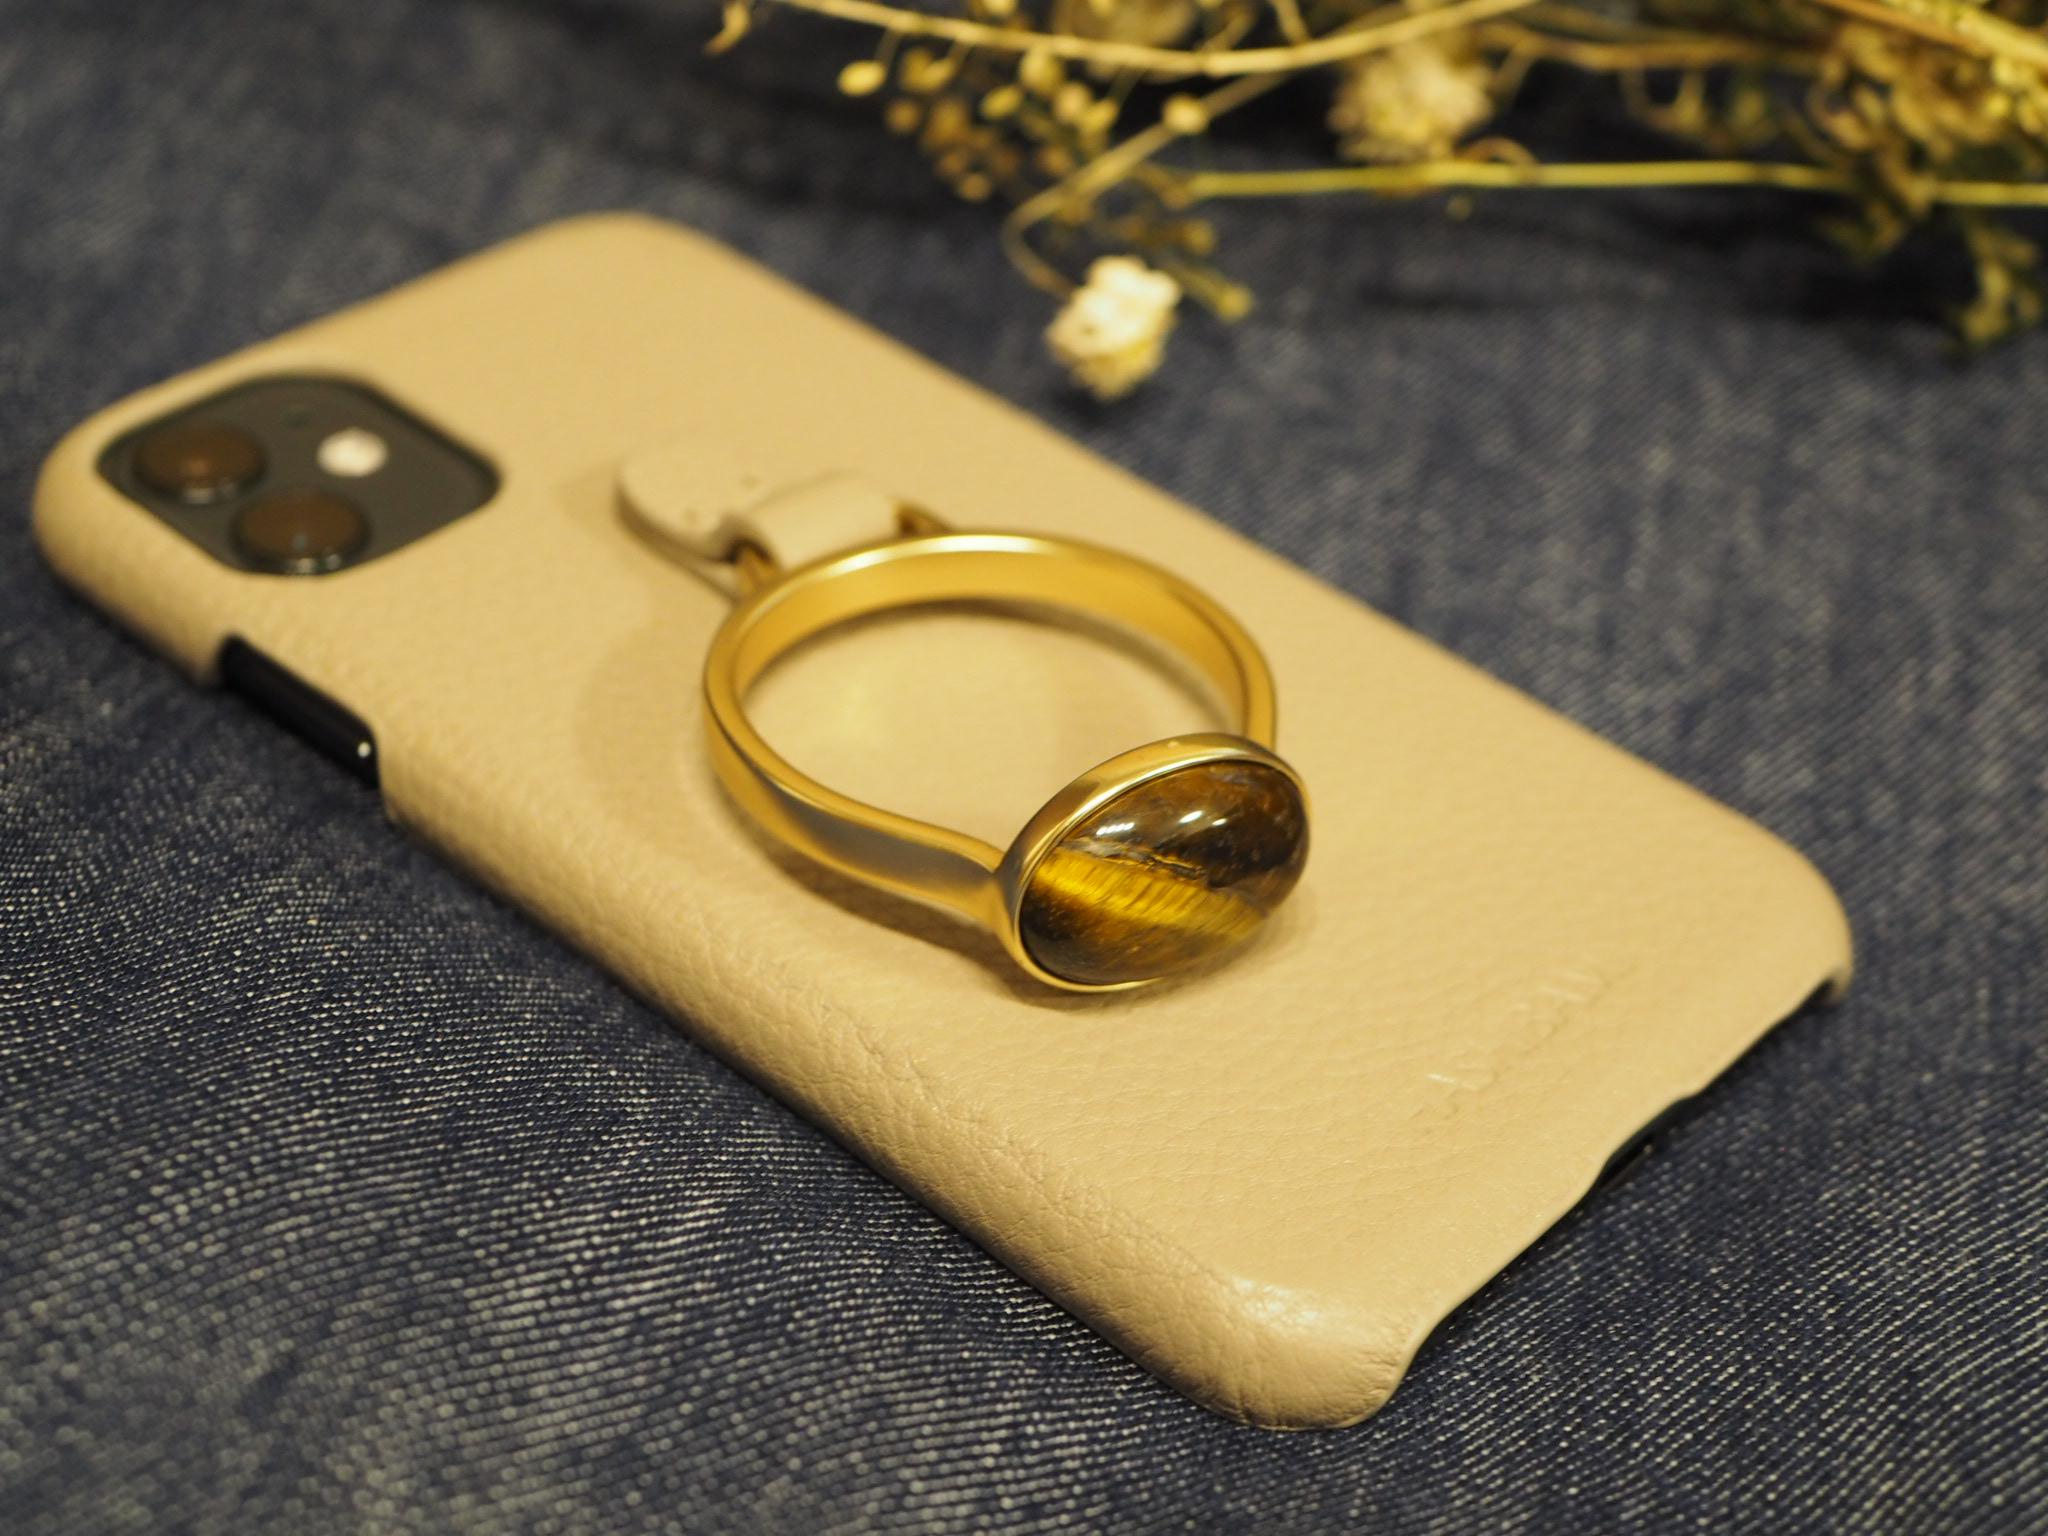 【HASHIBAMI】の《天然石ストーンリングiPhoneケース》がお洒落で可愛い♡_3